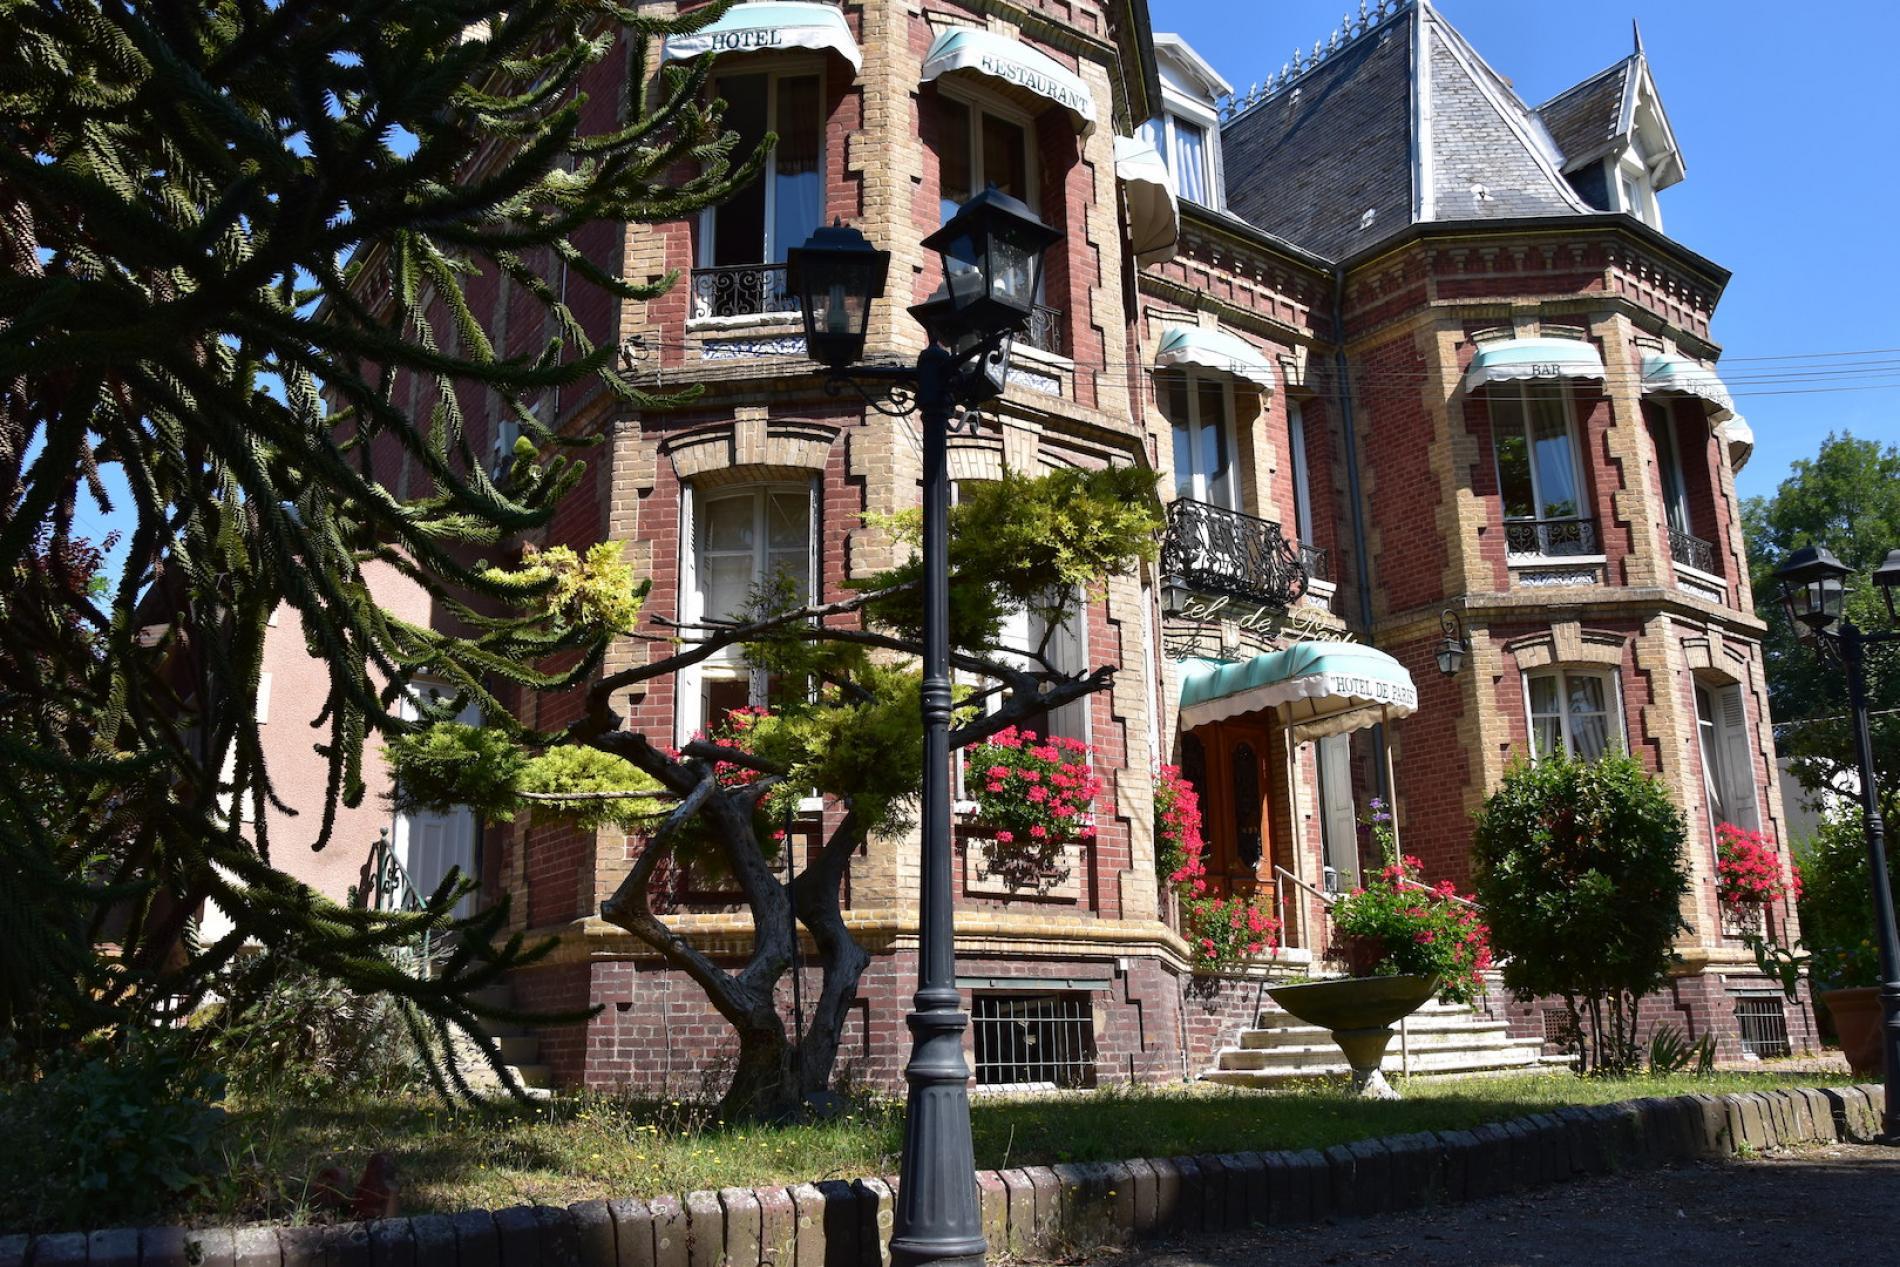 Hotel de charme les andelys entre rouen et giverny for Meilleur prix hotel paris